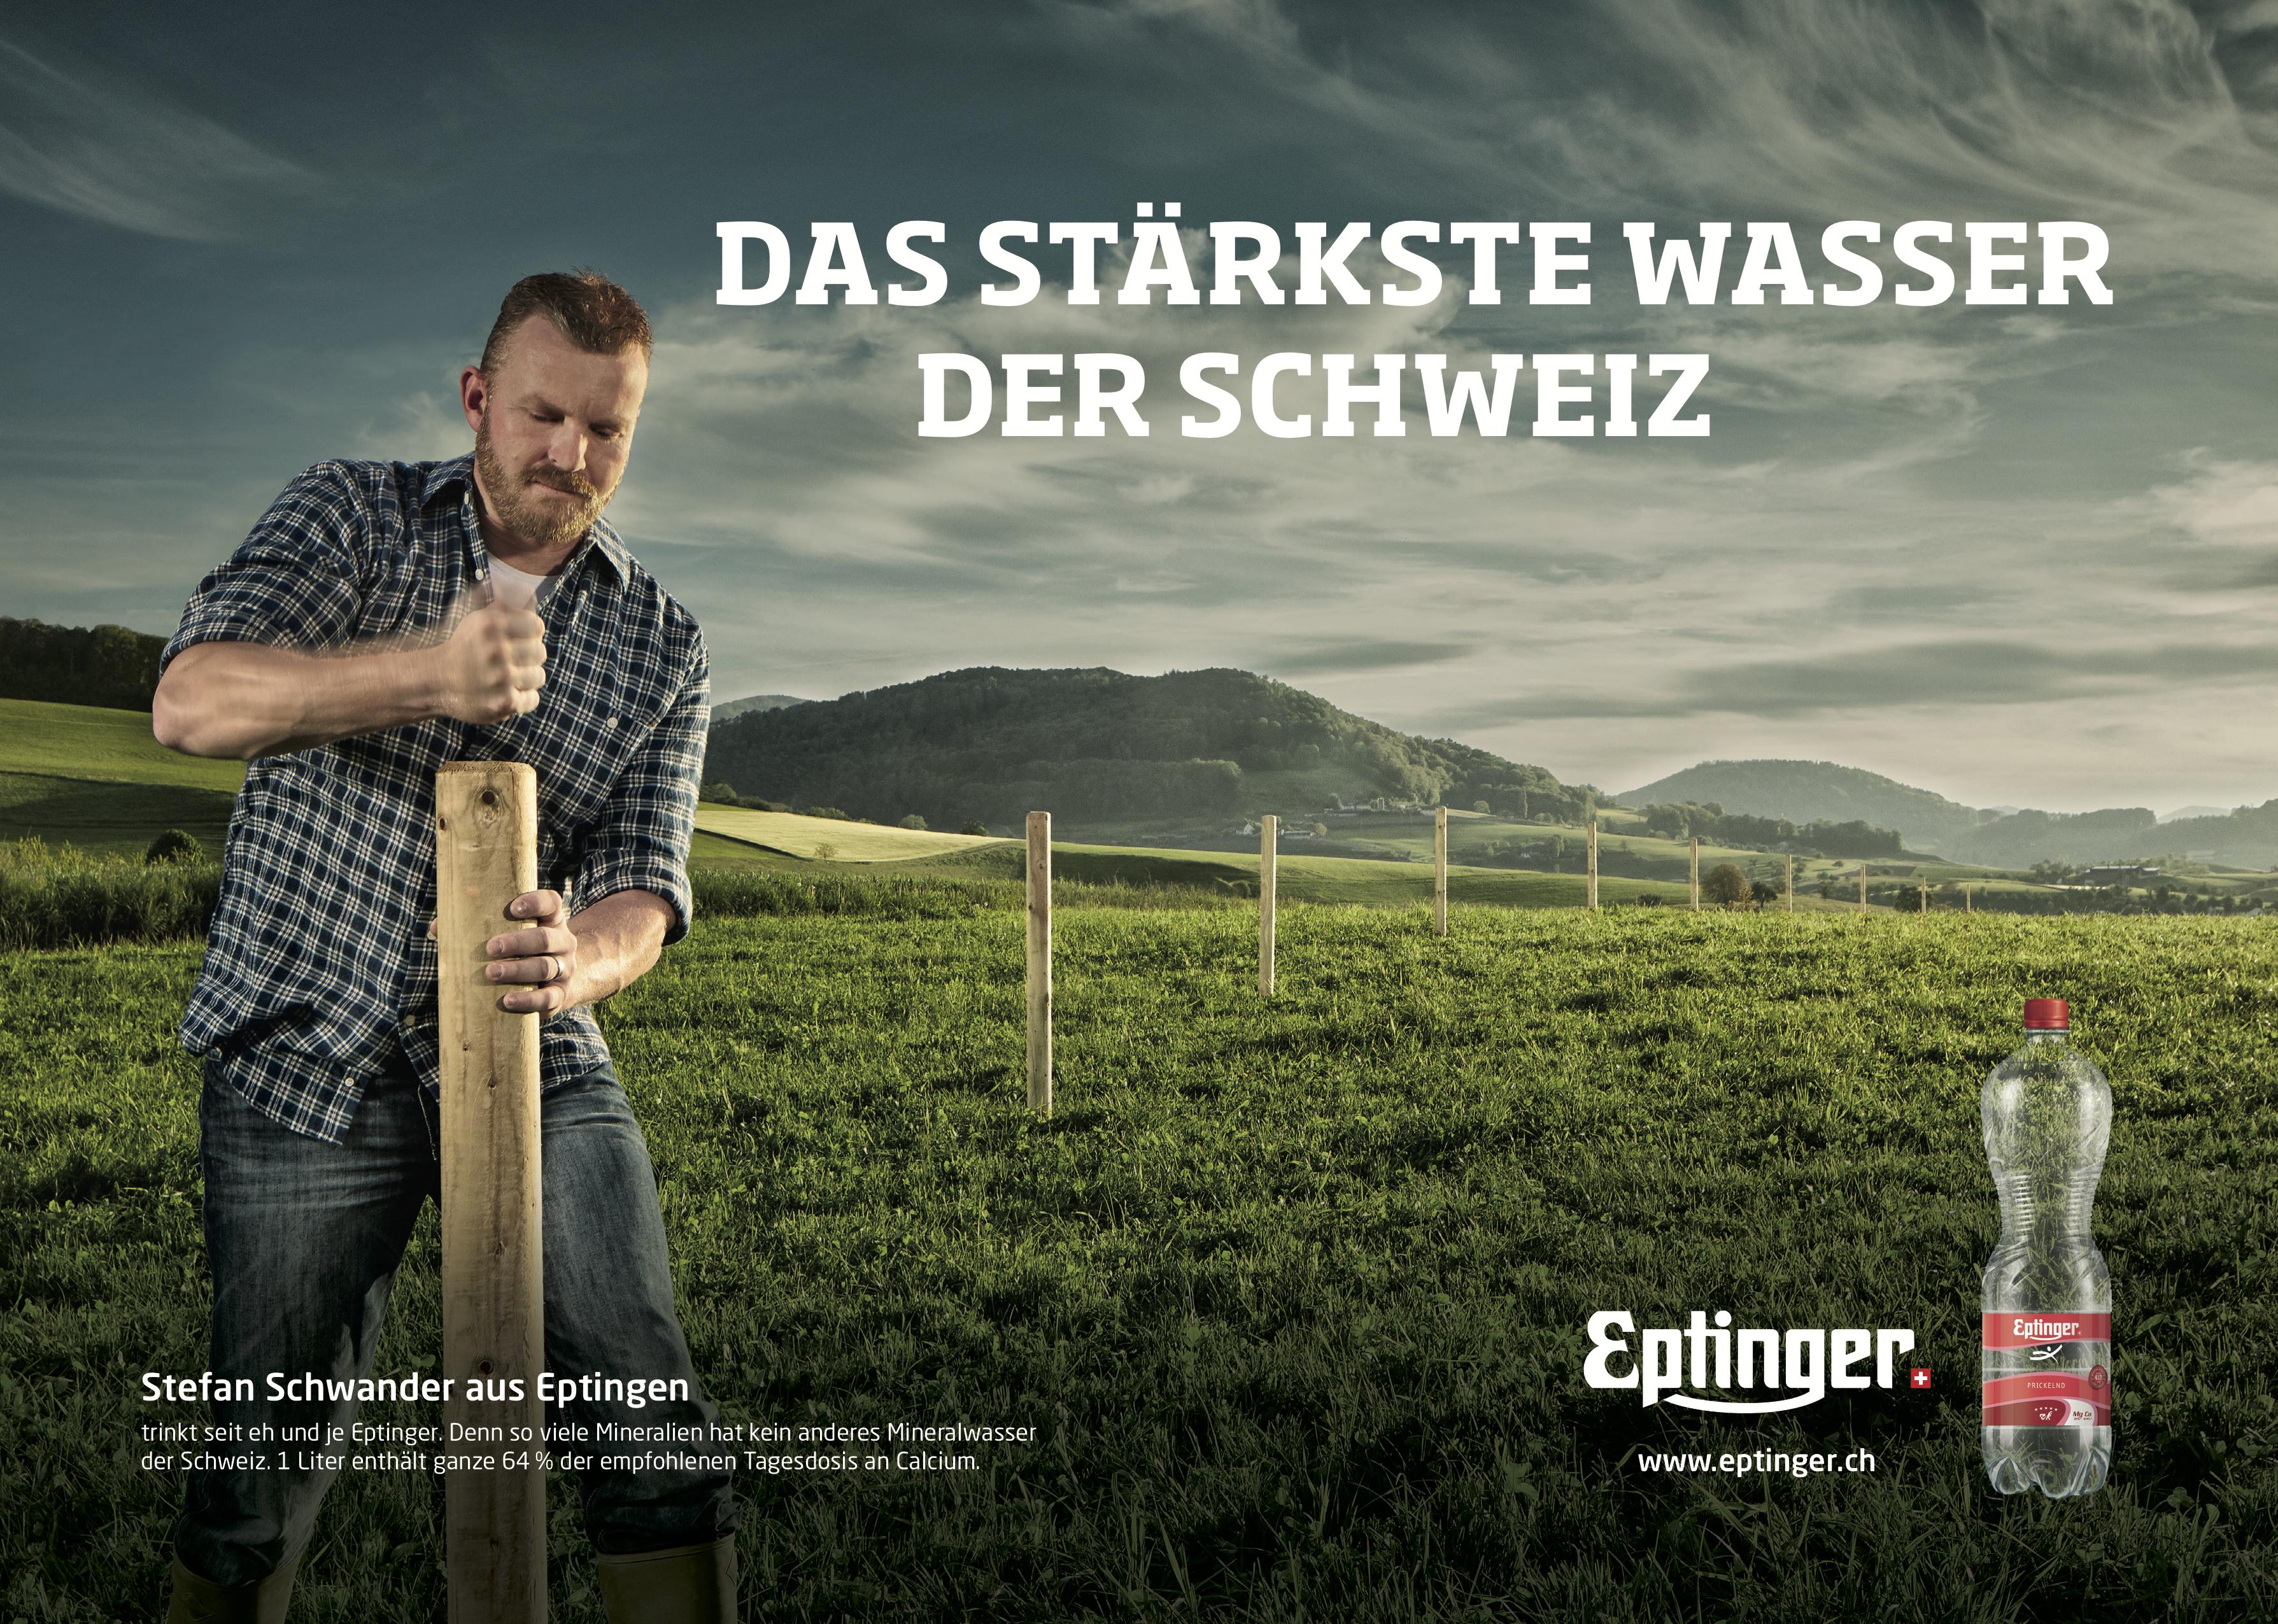 Eptinger Mineralwasser Werbung 2016 Stefan Schwander